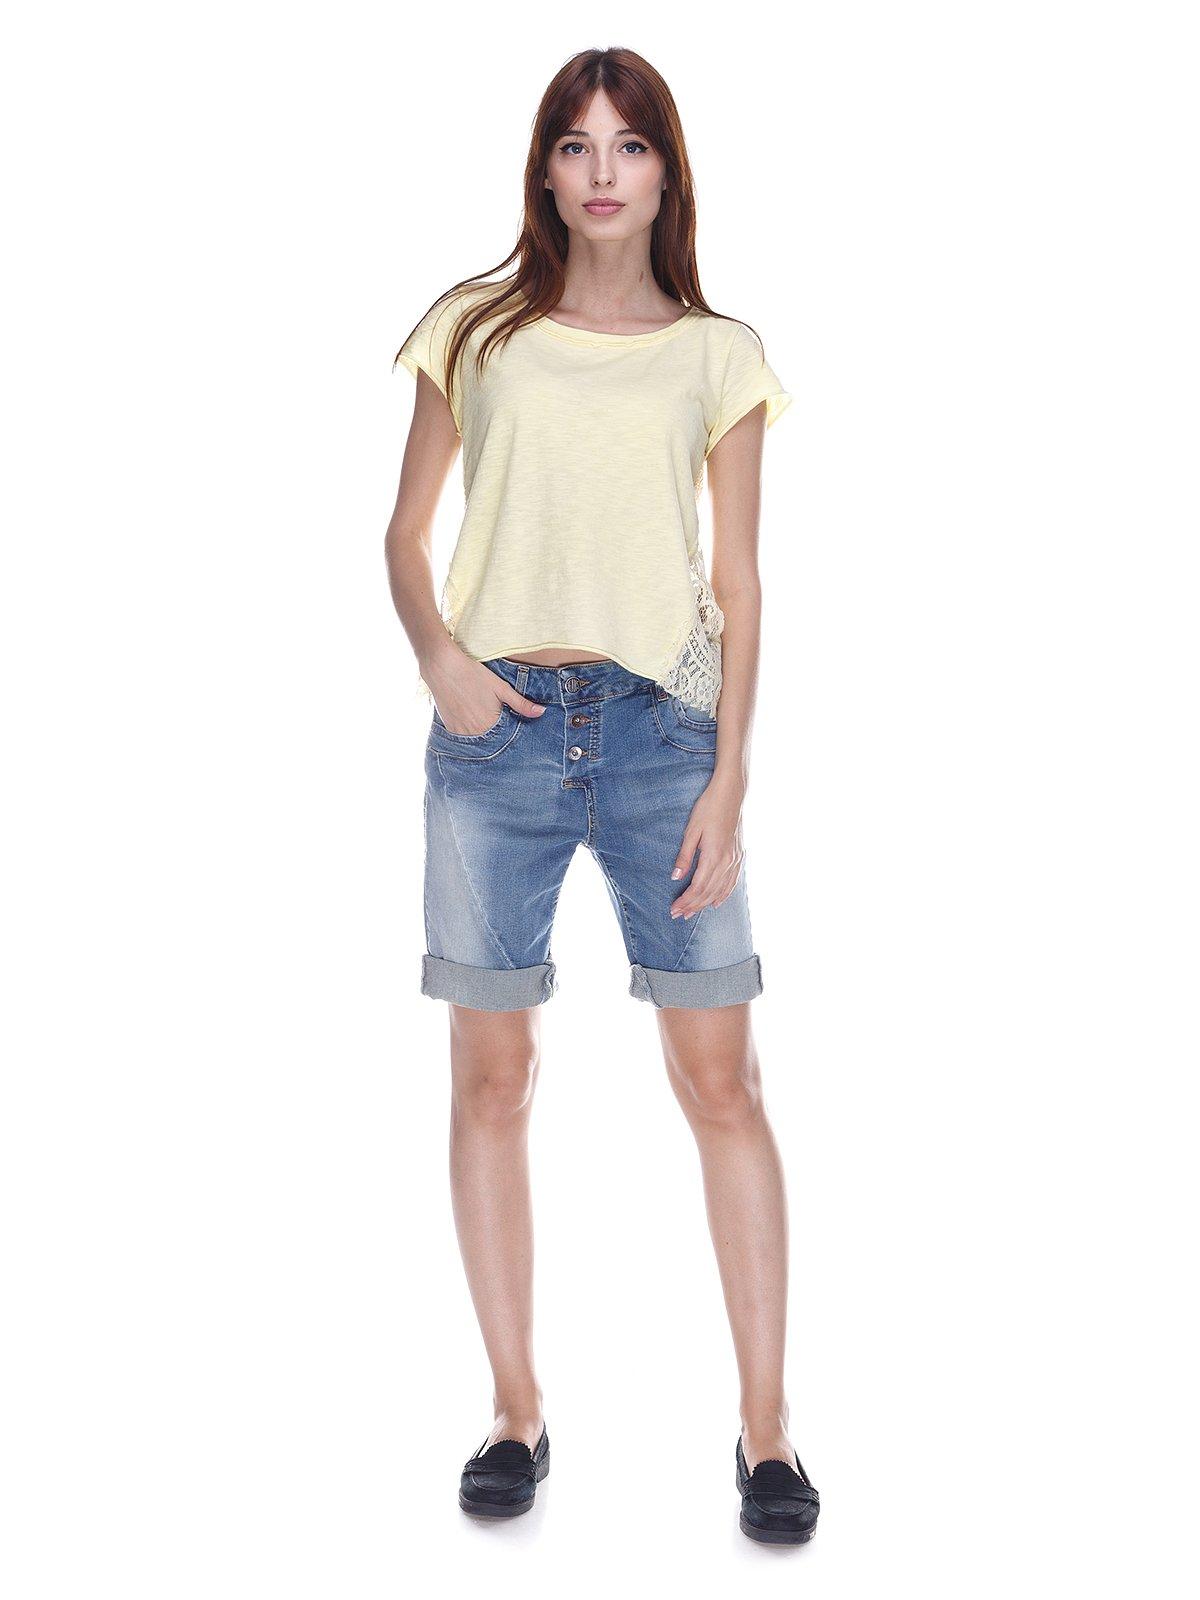 Шорты синие джинсовые | 3568864